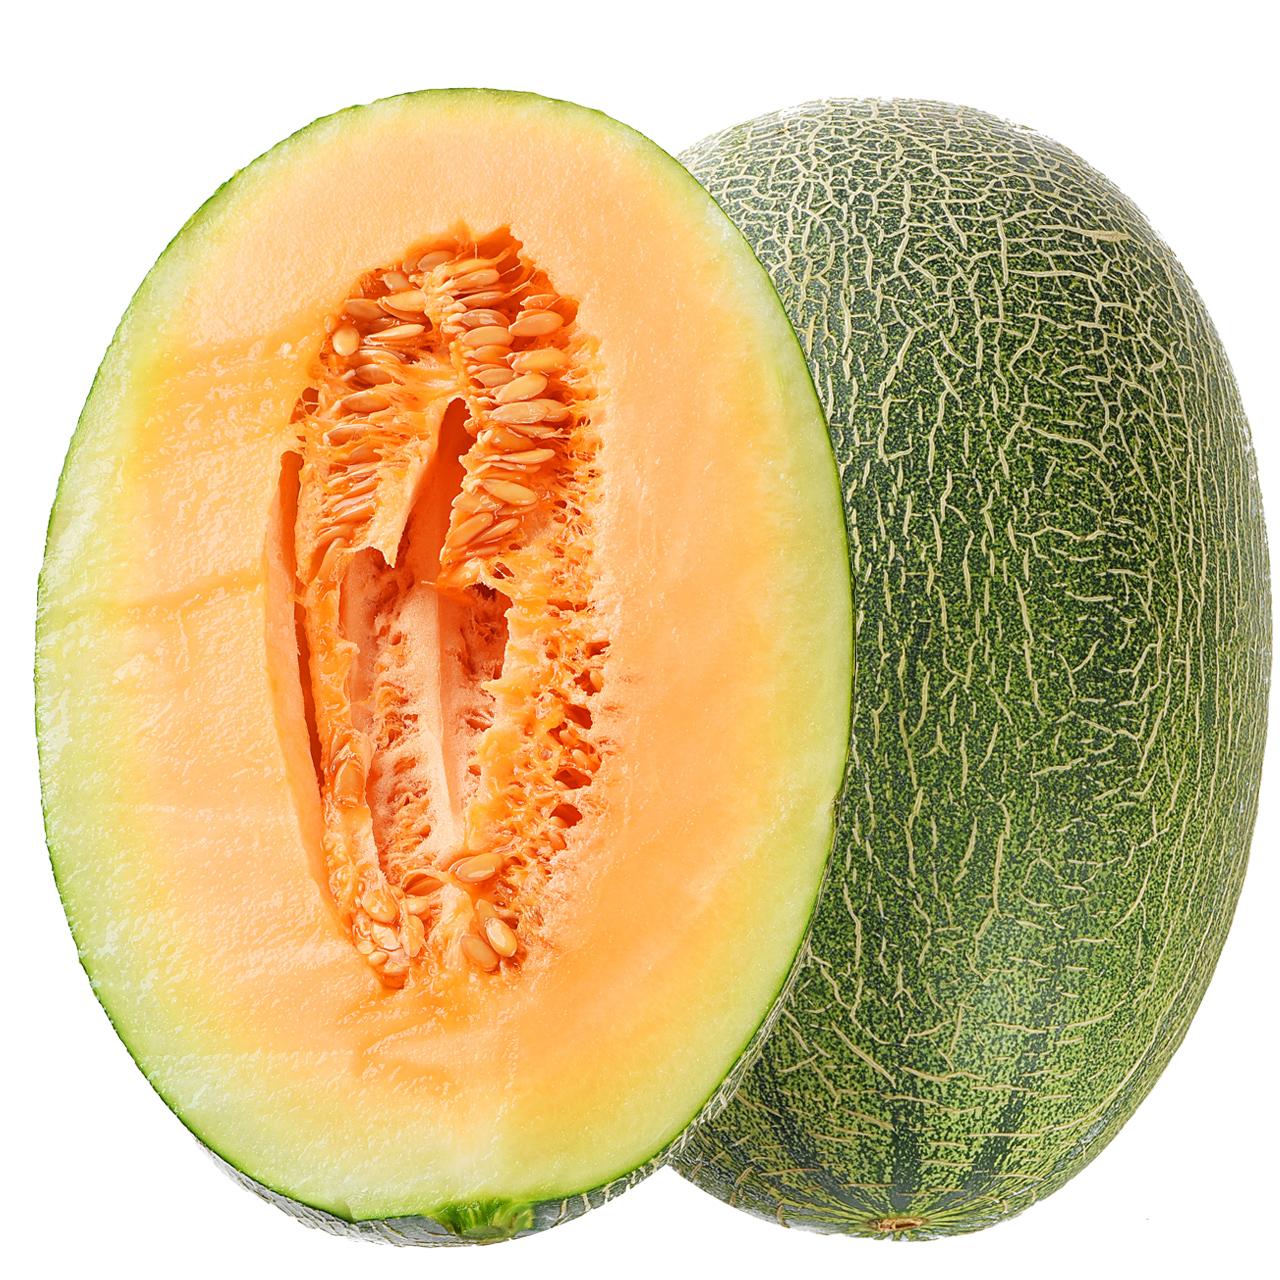 新疆吐鲁番哈密瓜10斤批发新鲜水果当季香瓜蜜哈蜜瓜网纹瓜现货供应